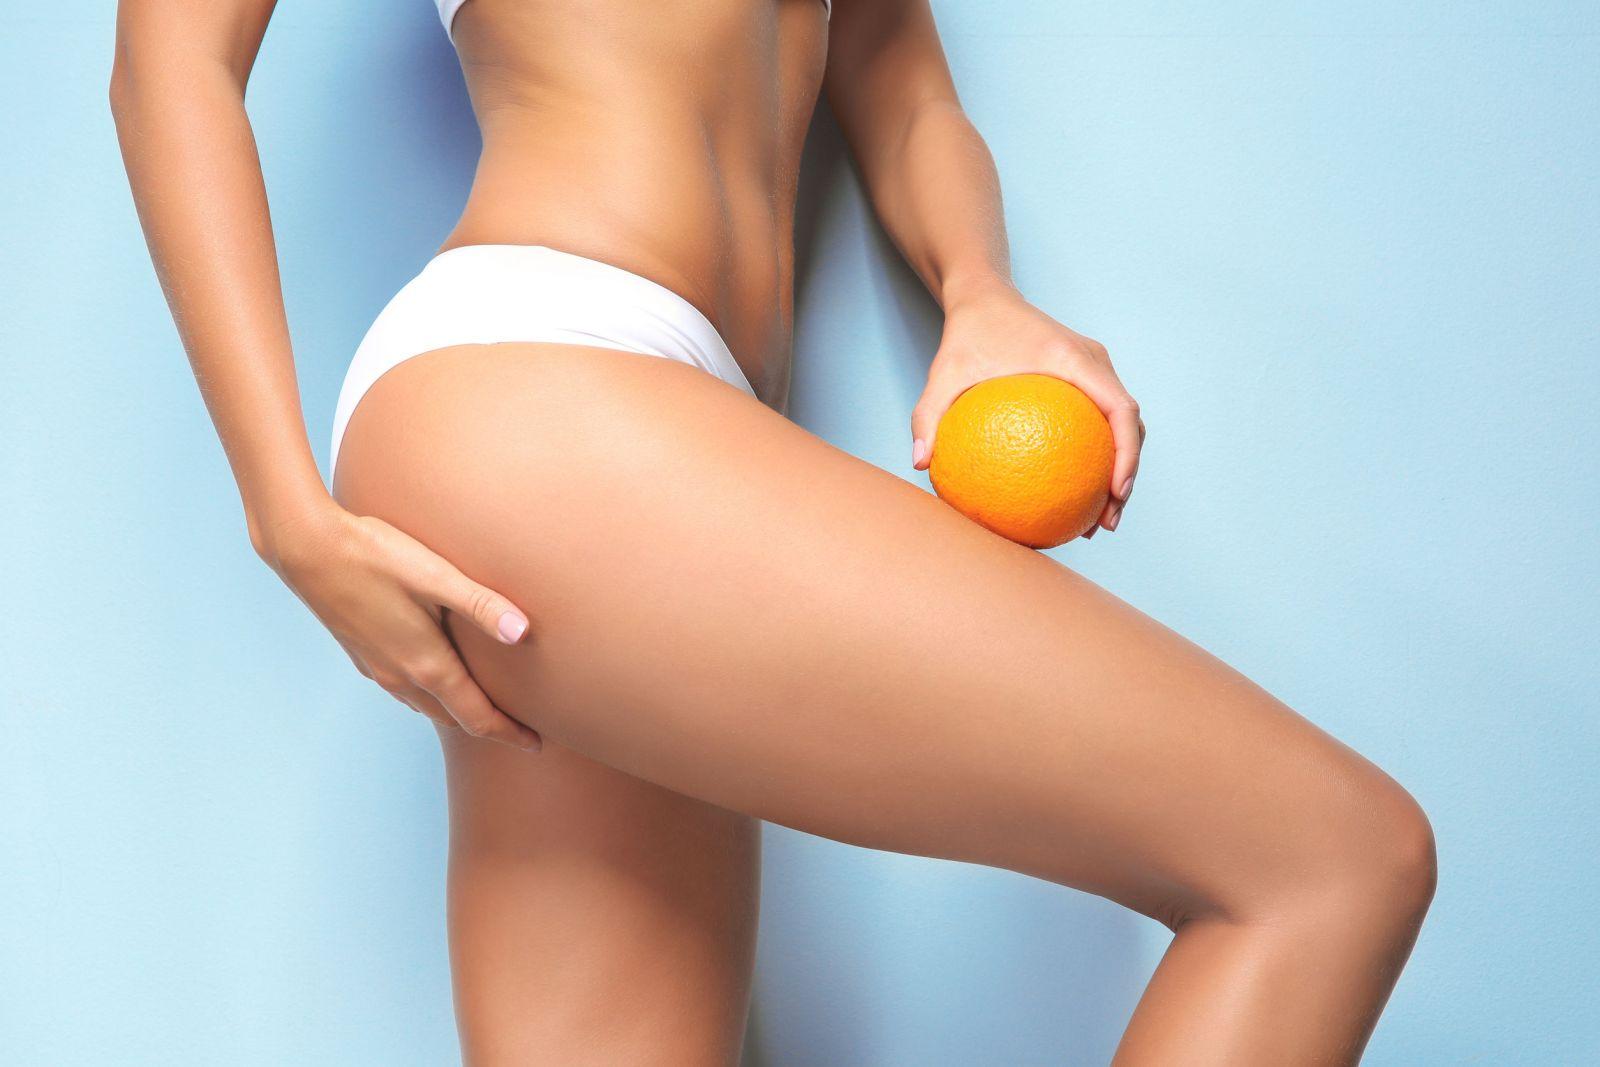 hogyan lehet elveszíteni a lábzsírt és a narancsbőrt)